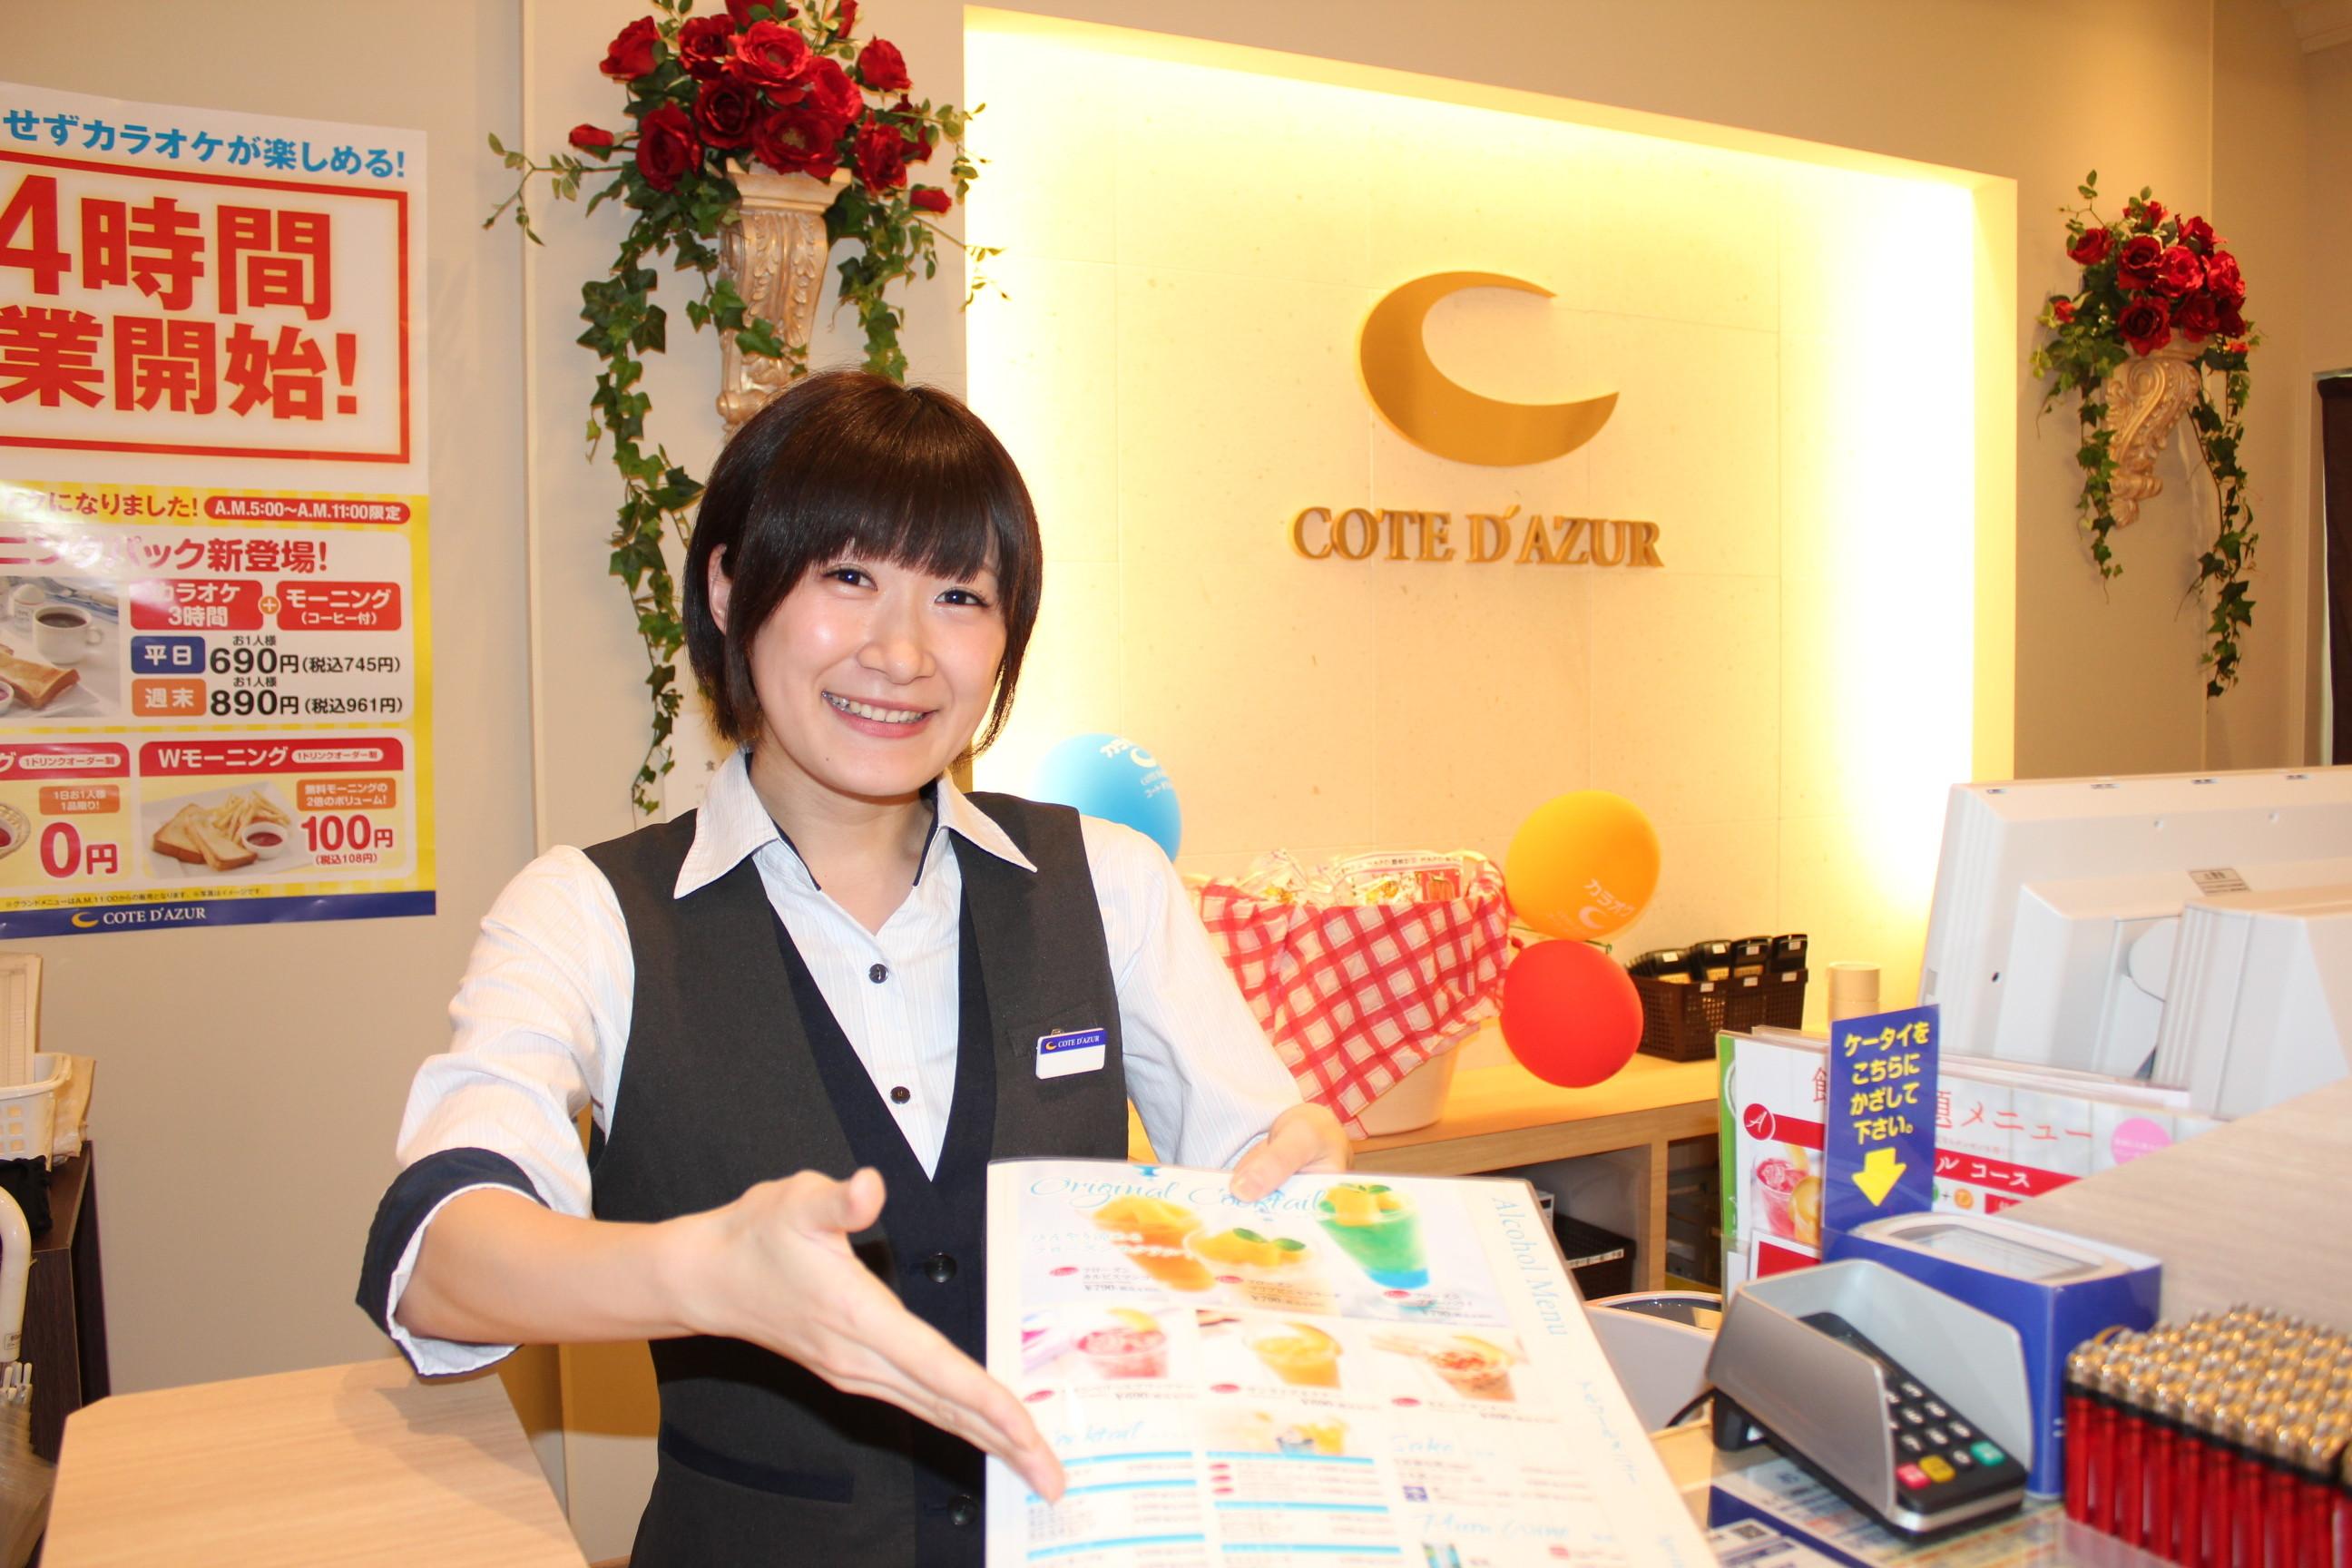 コート・ダジュール 銀座コリドー店 カラオケスタッフ のアルバイト情報